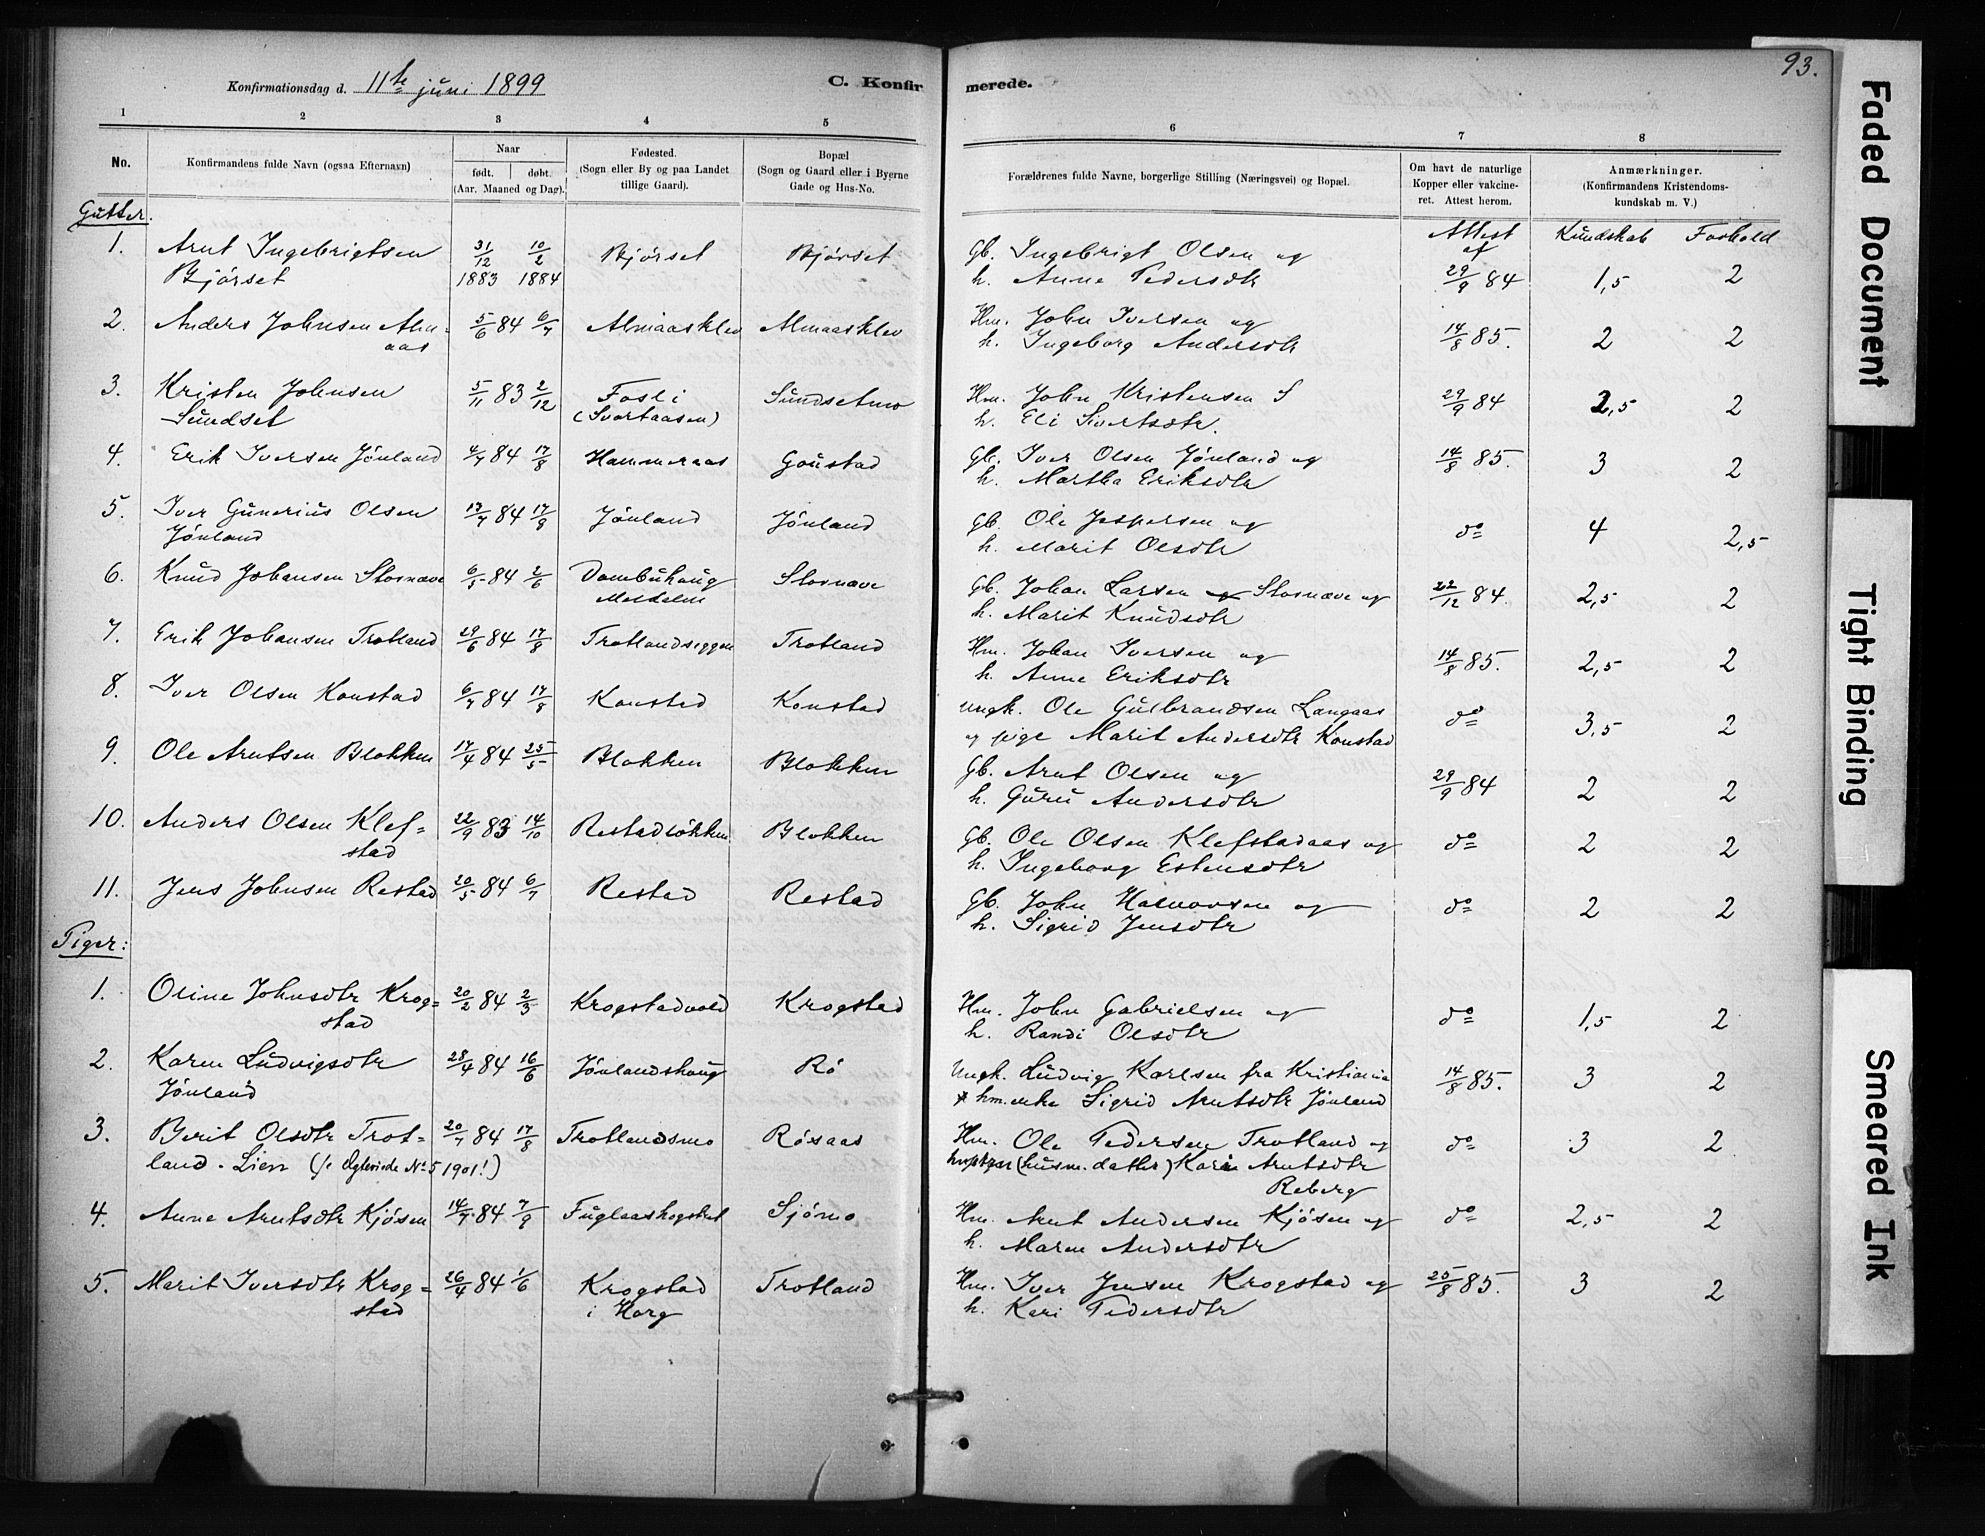 SAT, Ministerialprotokoller, klokkerbøker og fødselsregistre - Sør-Trøndelag, 694/L1127: Ministerialbok nr. 694A01, 1887-1905, s. 93